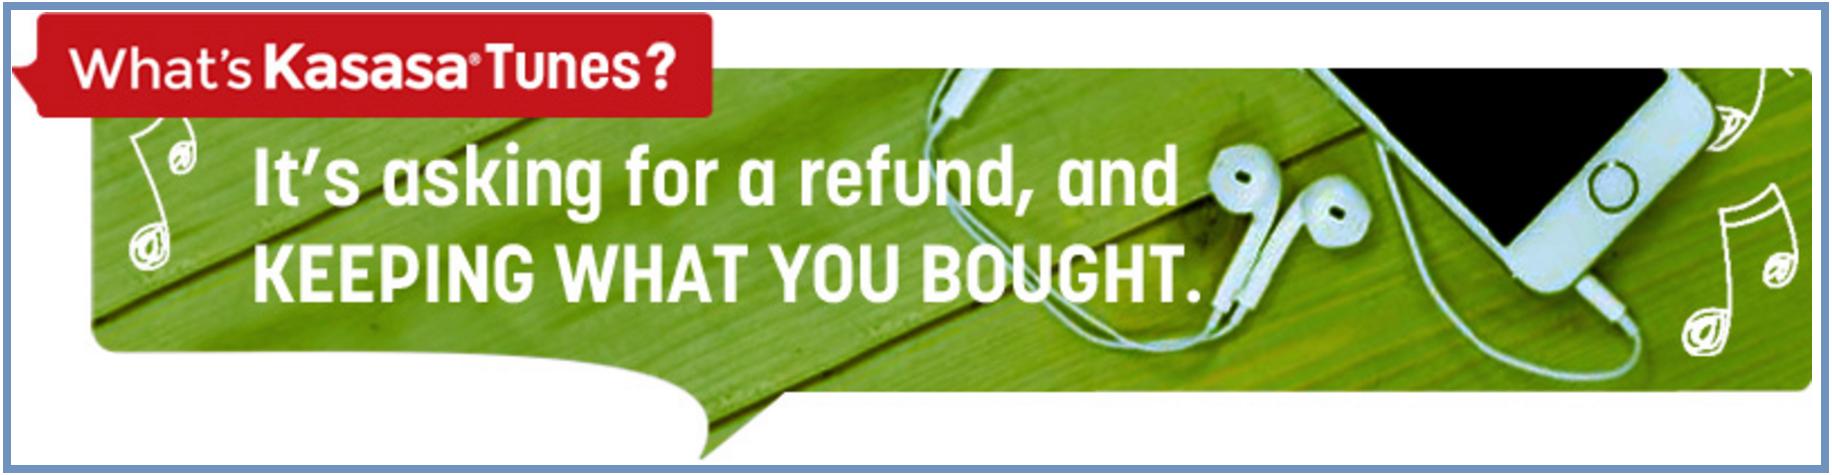 Cash in advance in miami image 6